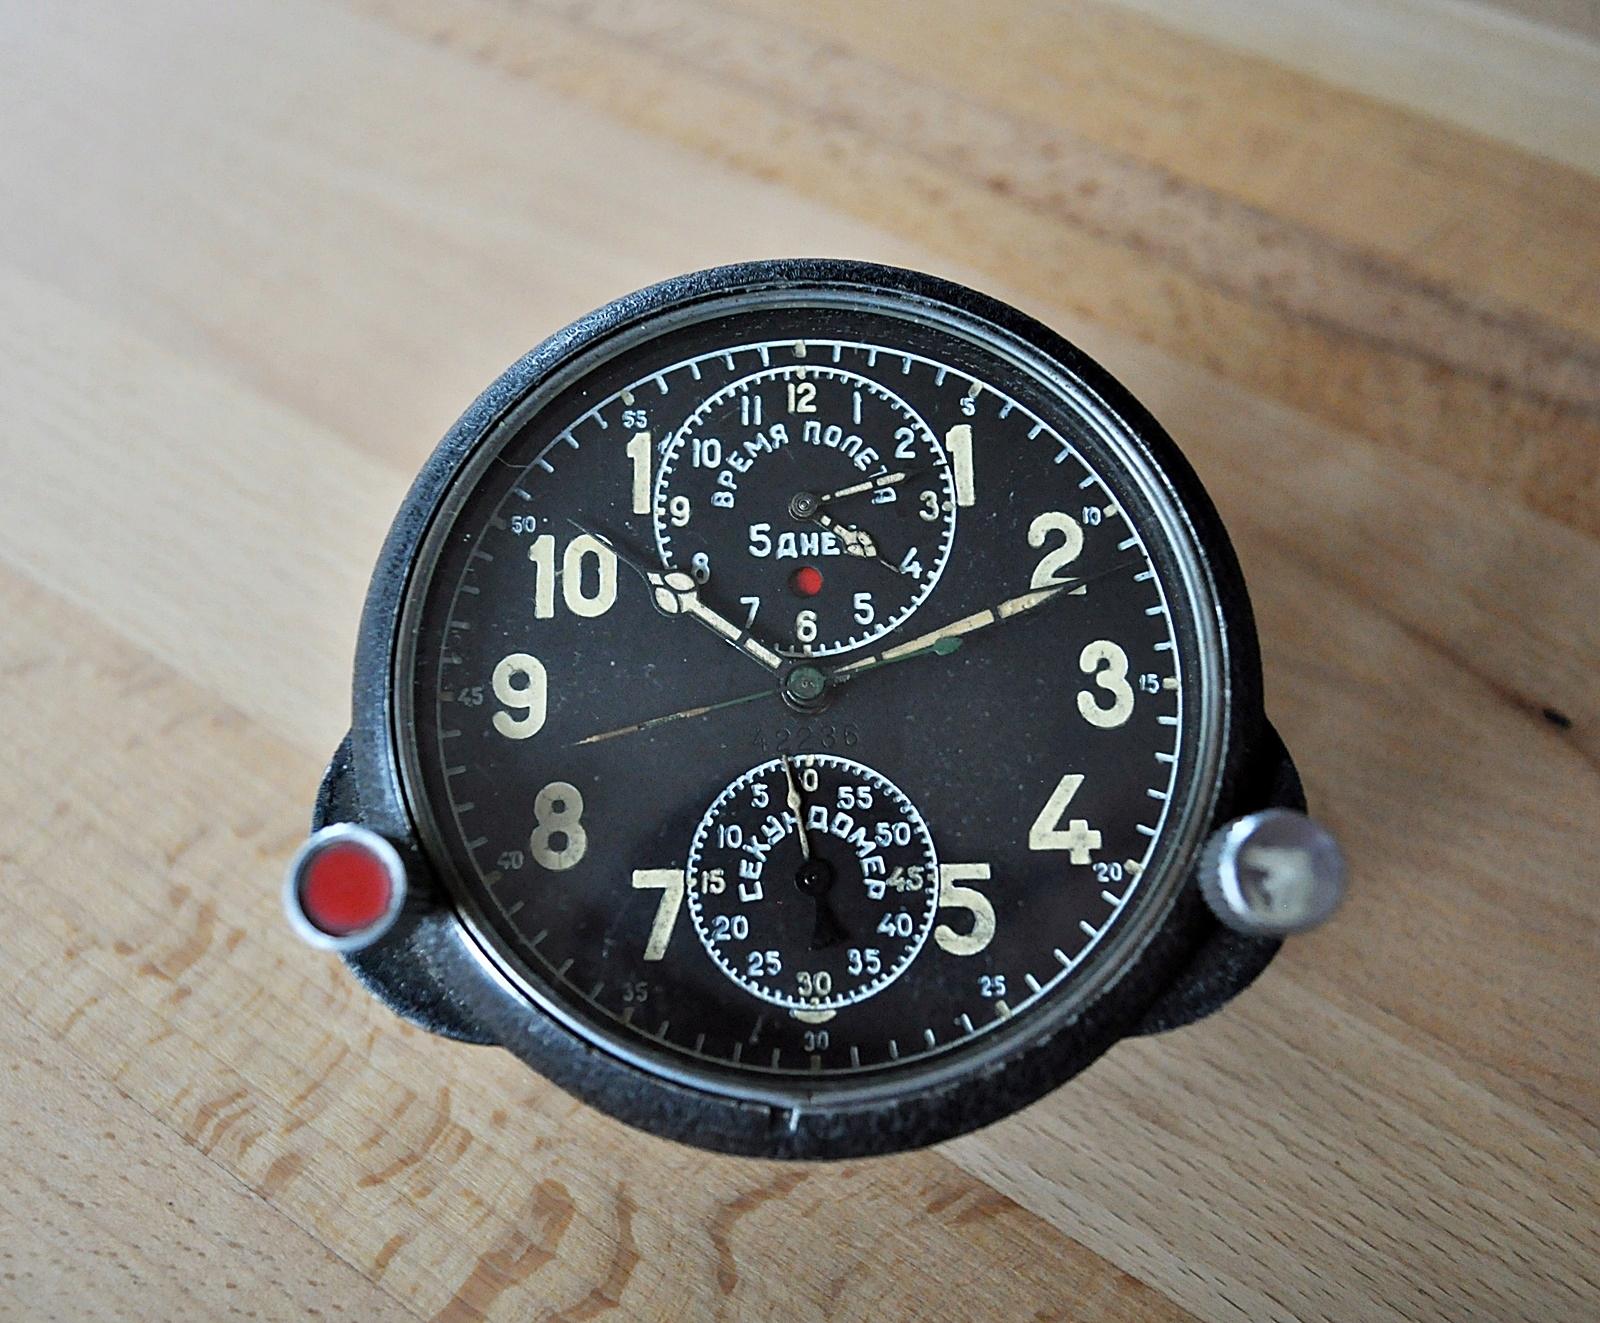 Chronograf lotniczy ACZ-as 1 z MIG-a 29